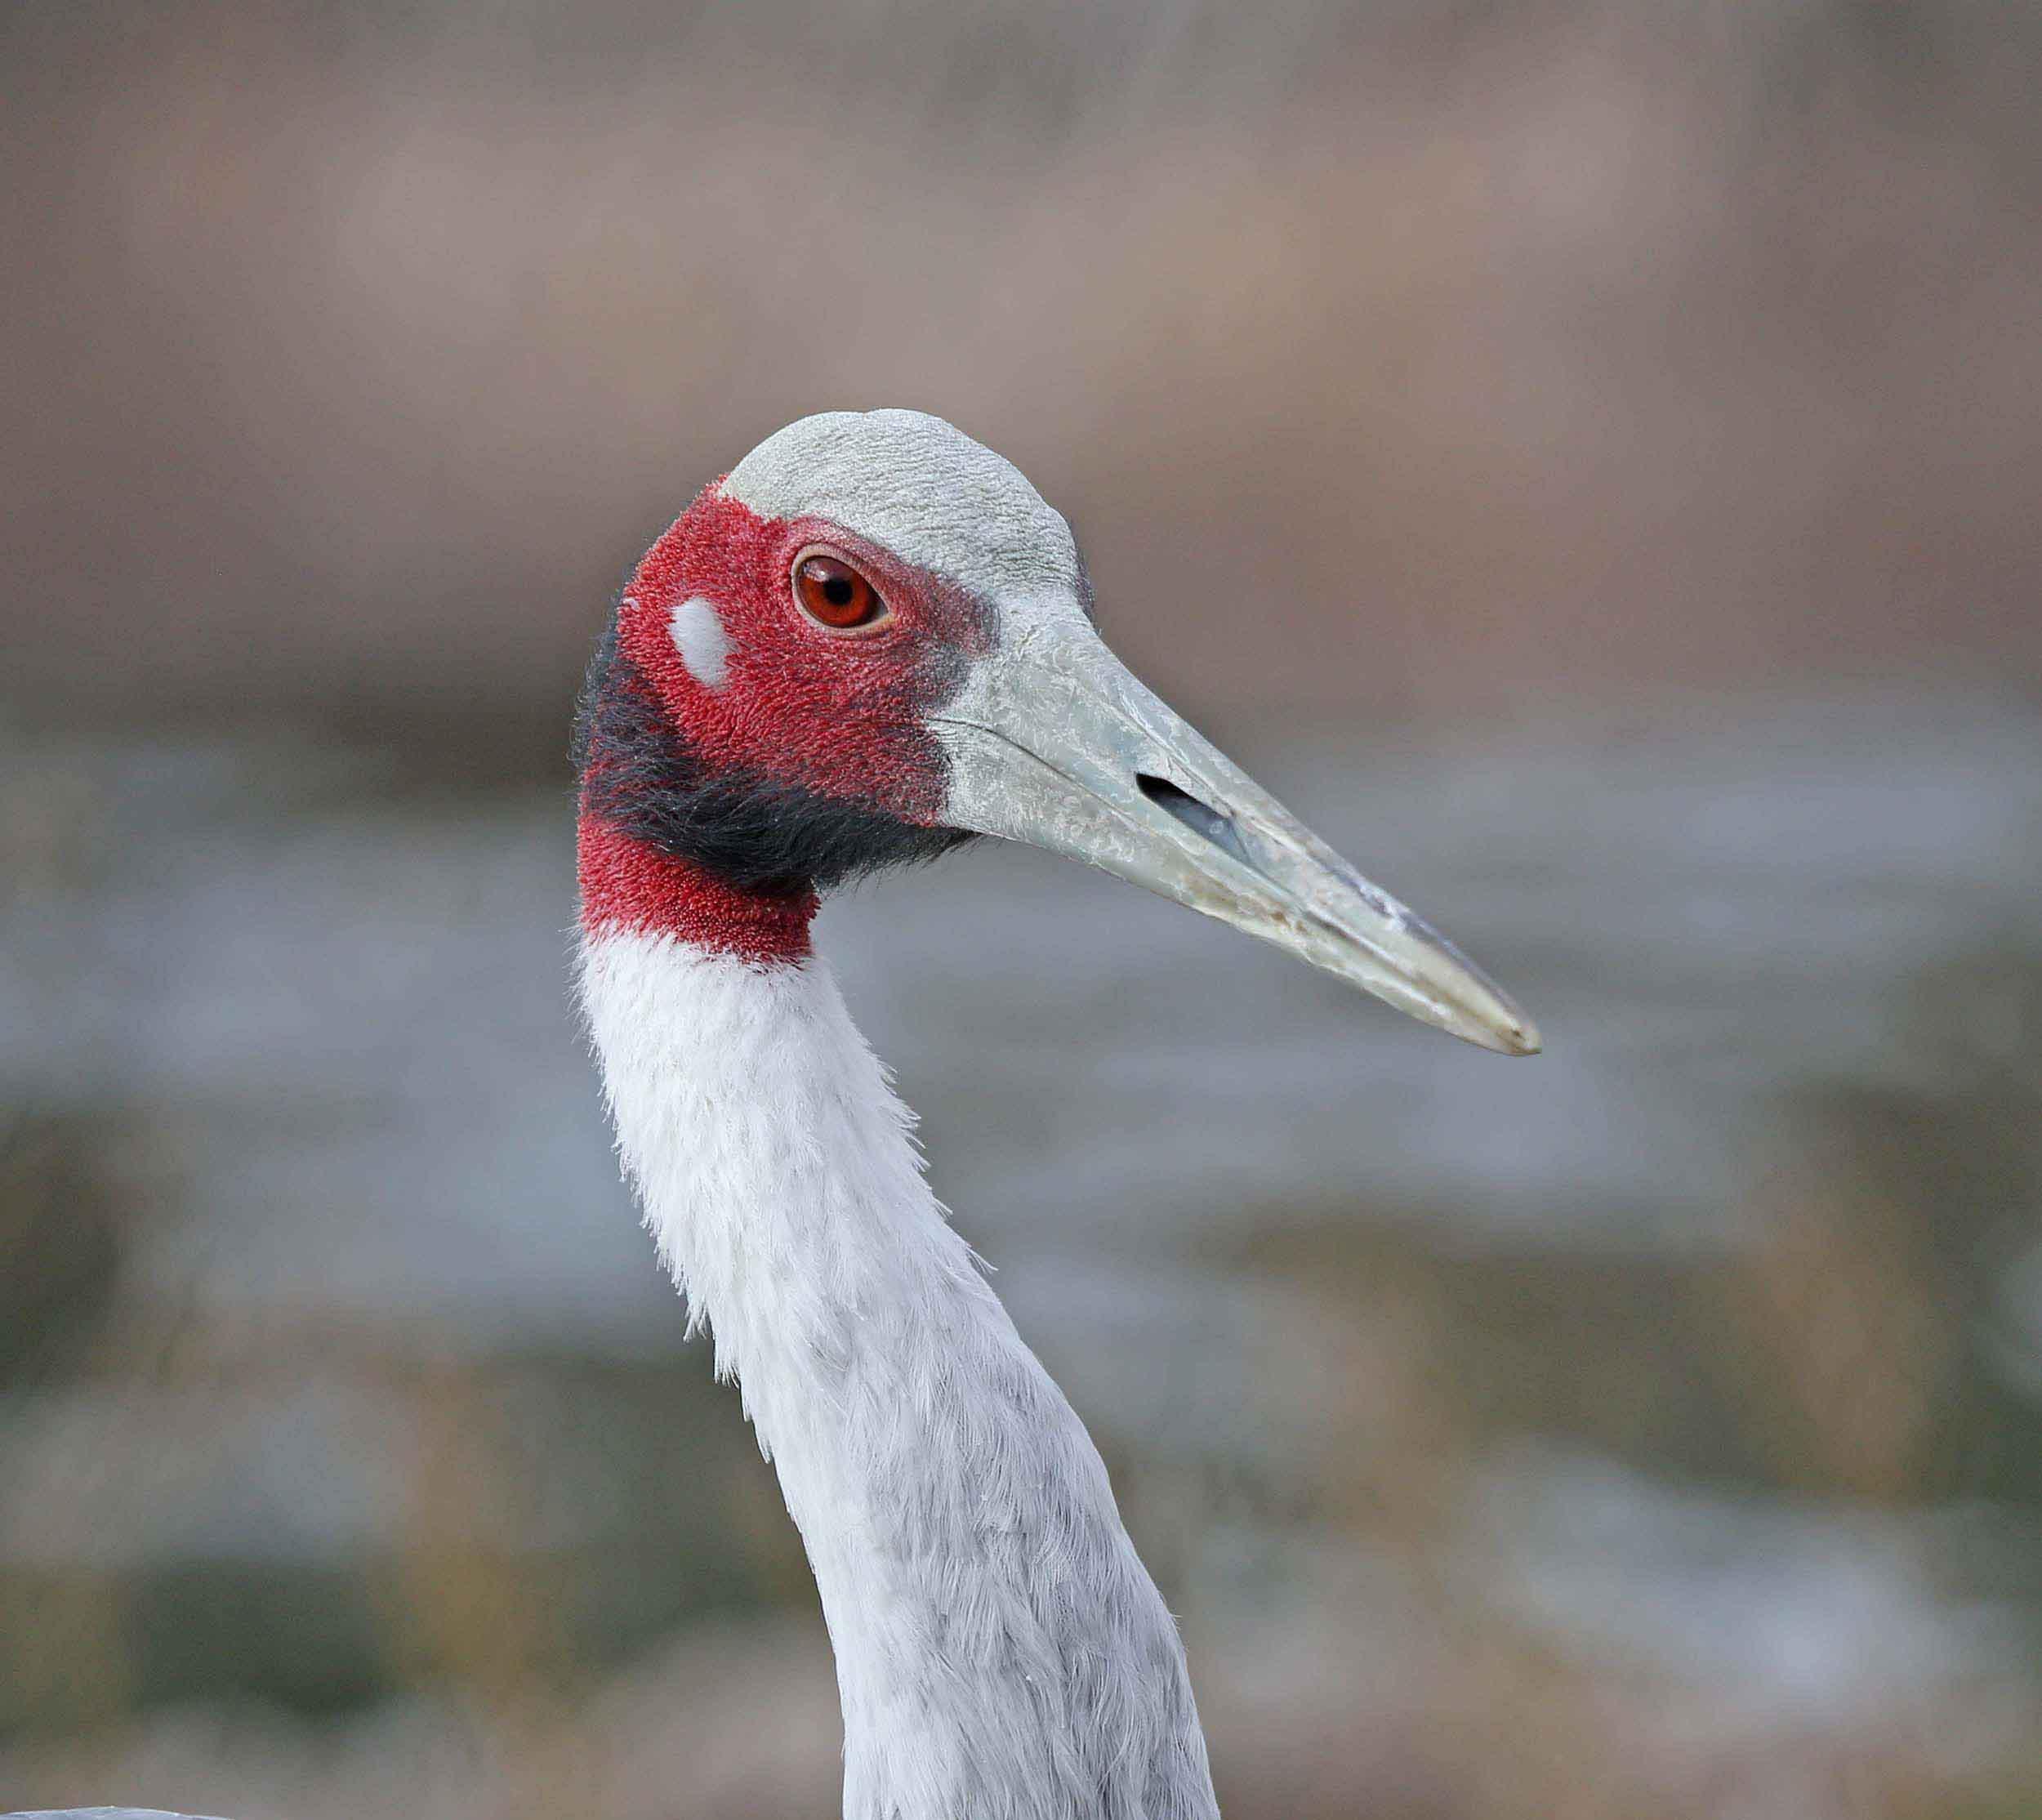 Sarus crane face photos